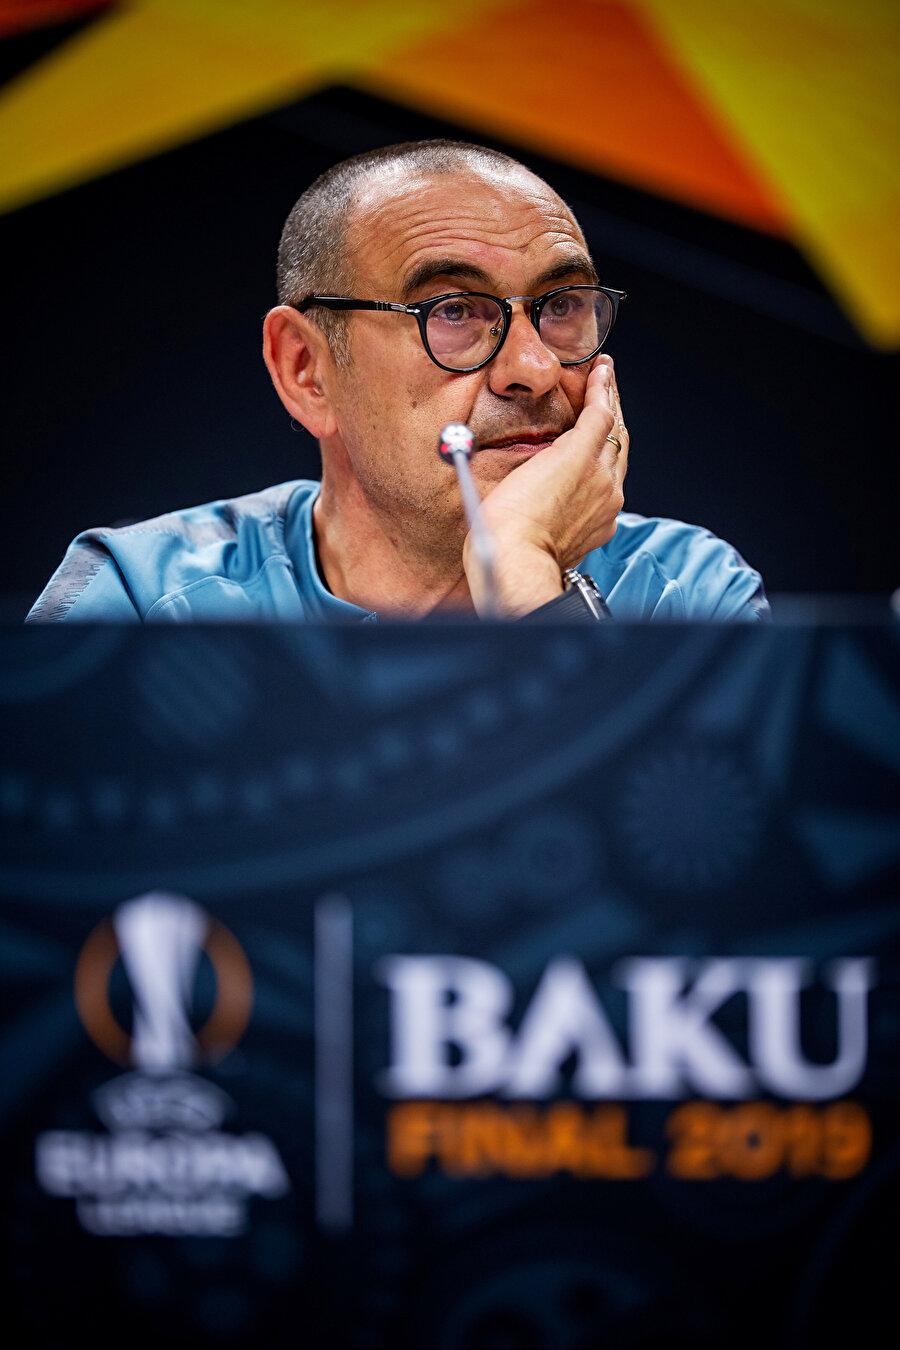 ▬ Maurizio Sarri